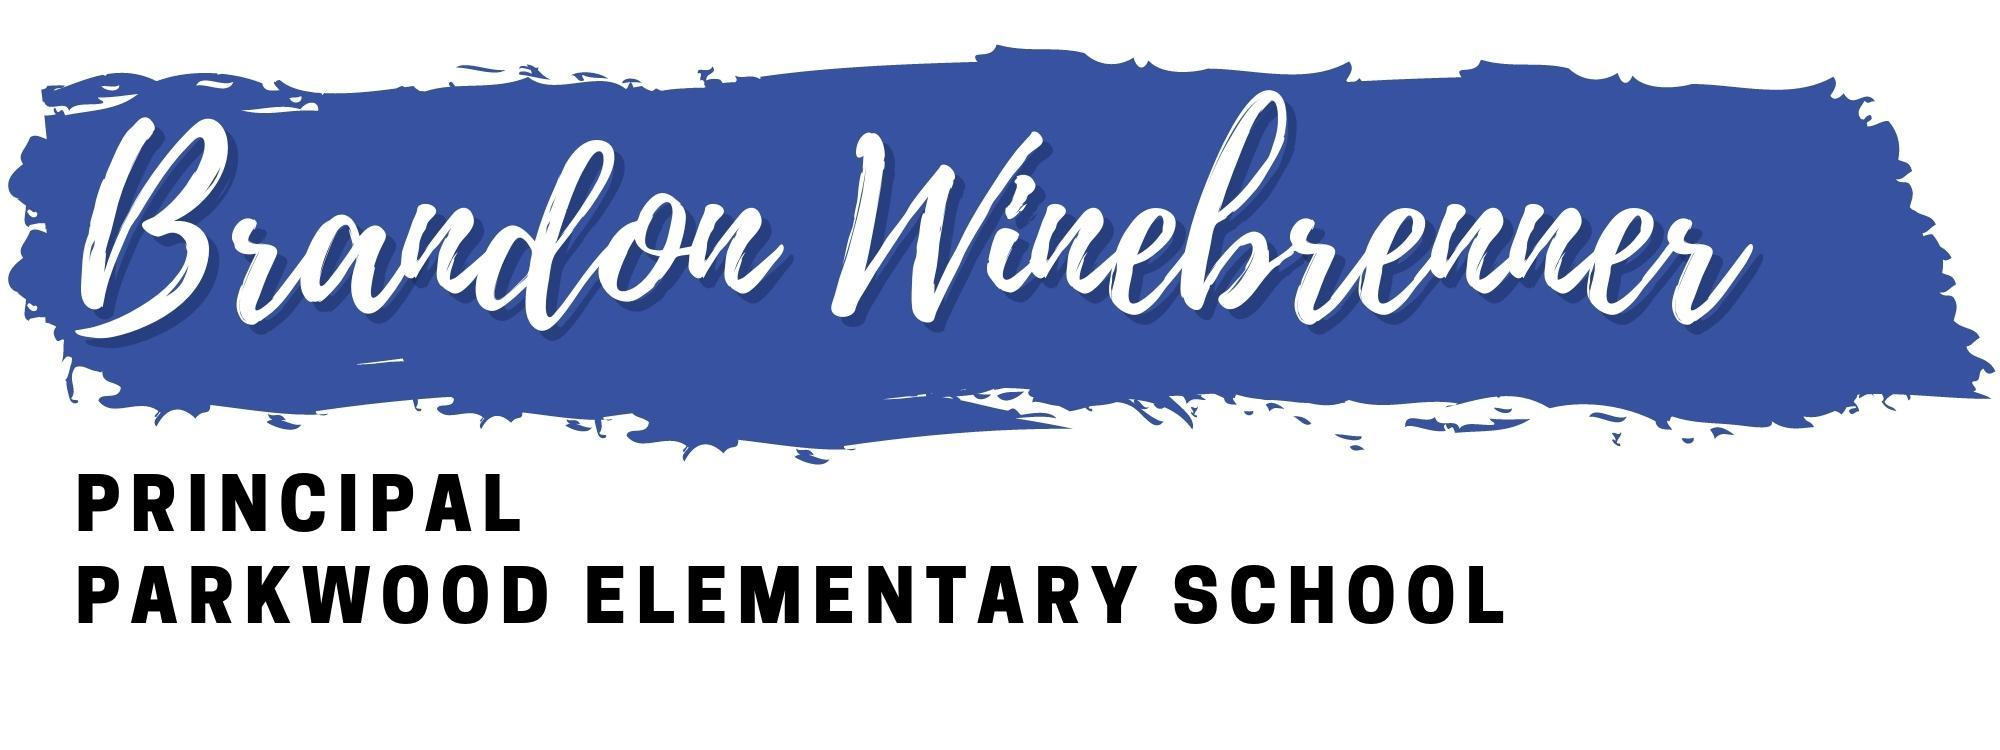 Brandon Winebrenner